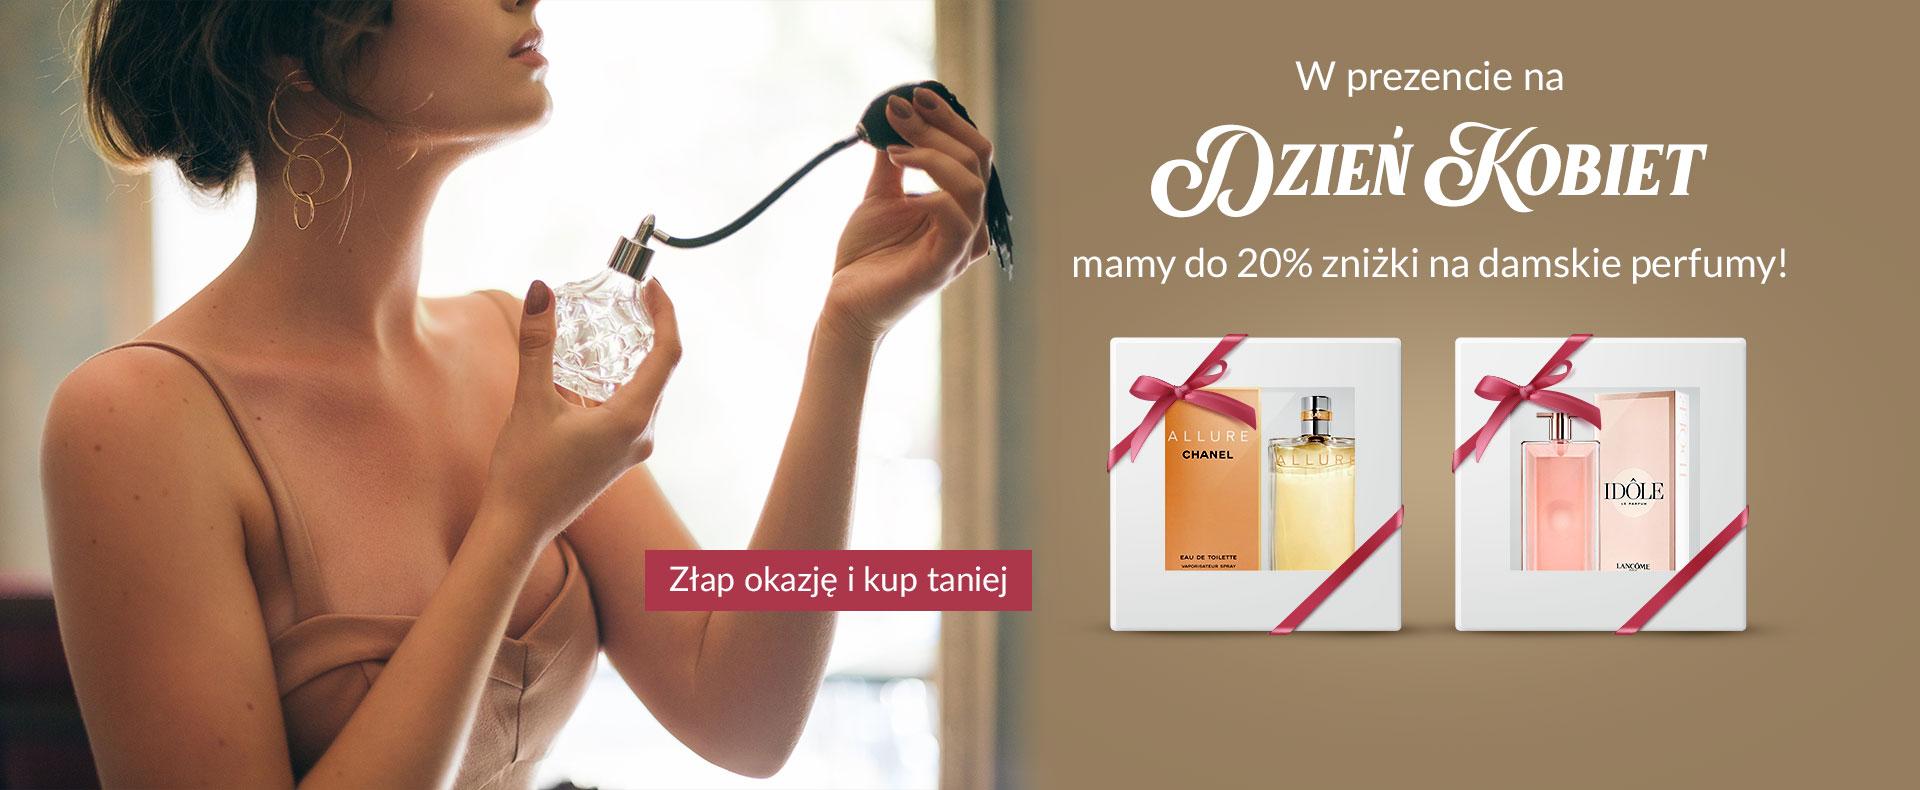 Ezebra: 20% rabatu na perfumy damskie - promocja na Dzień Kobiet